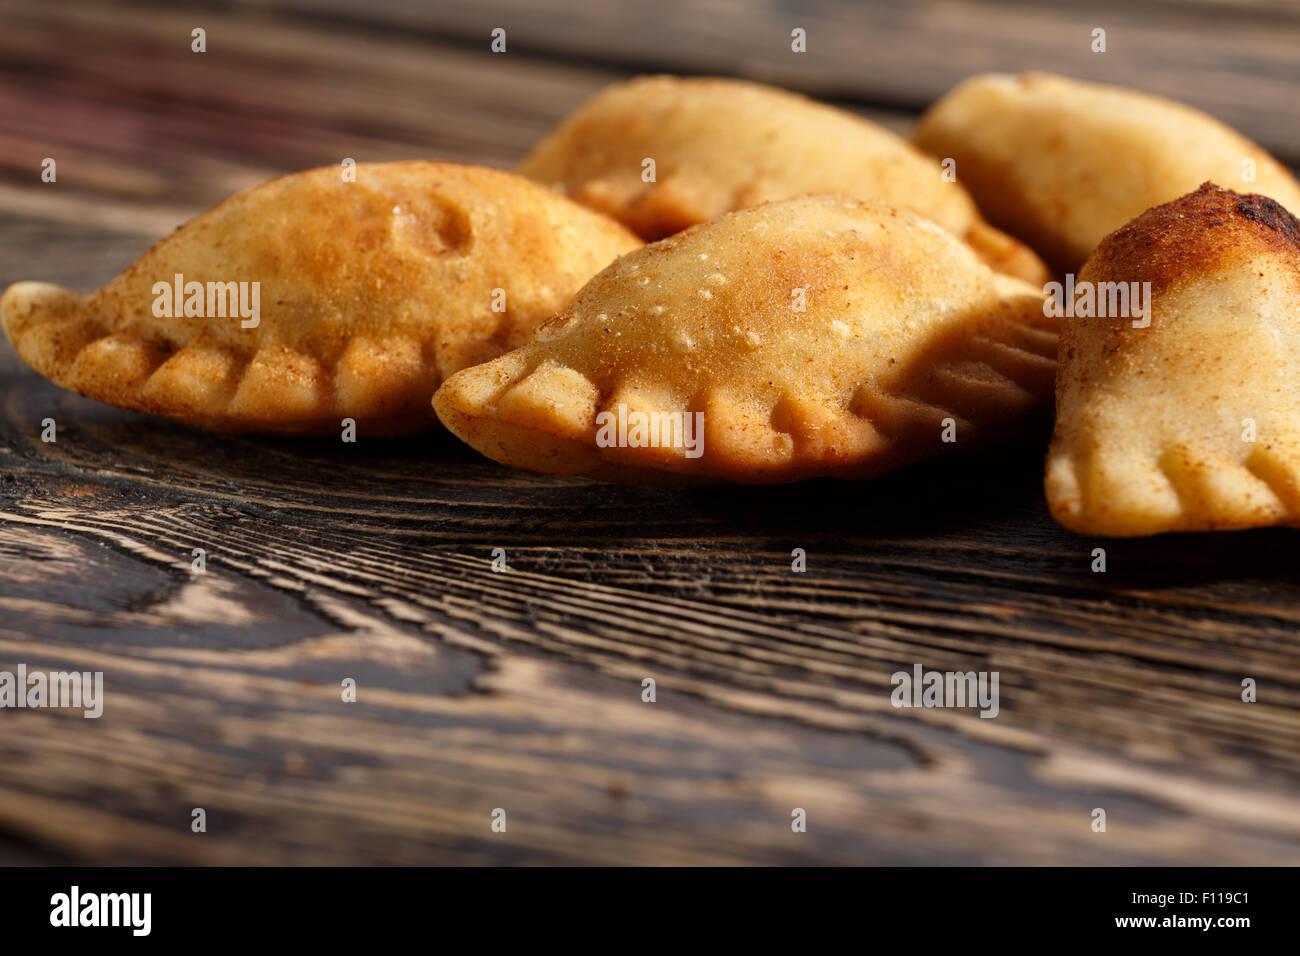 Fried kolumbianische Empanadas auf Holztisch. Herzhafte gefüllte Pasteten, auch bekannt als Pastell, Pastete Stockbild